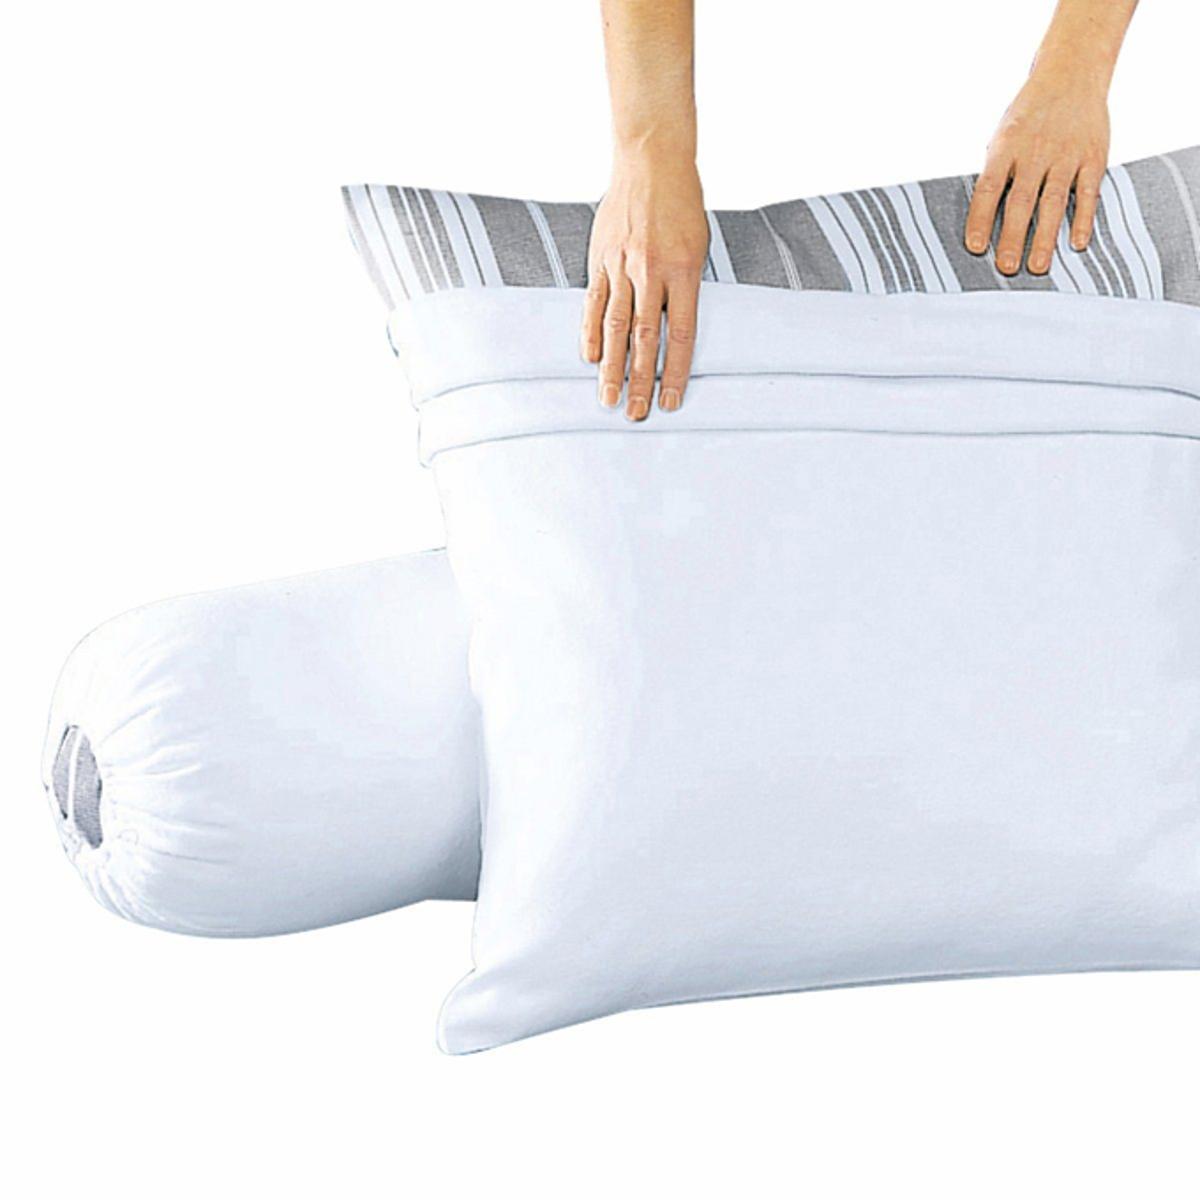 Чехол защитный на подушку из хлопкового мольтонаЗащитный чехол на подушку из мольтона, 100% хлопок, очень комфортного (начес на лицевой и оборотной стороне) и прочного (200 г/м?).Машинная стирка при 95 °С для идеальной гигиены, обработка от усадки ткани SANFOR.Качество VALEUR S?RE.<br><br>Цвет: белый<br>Размер: 63 x 63  см